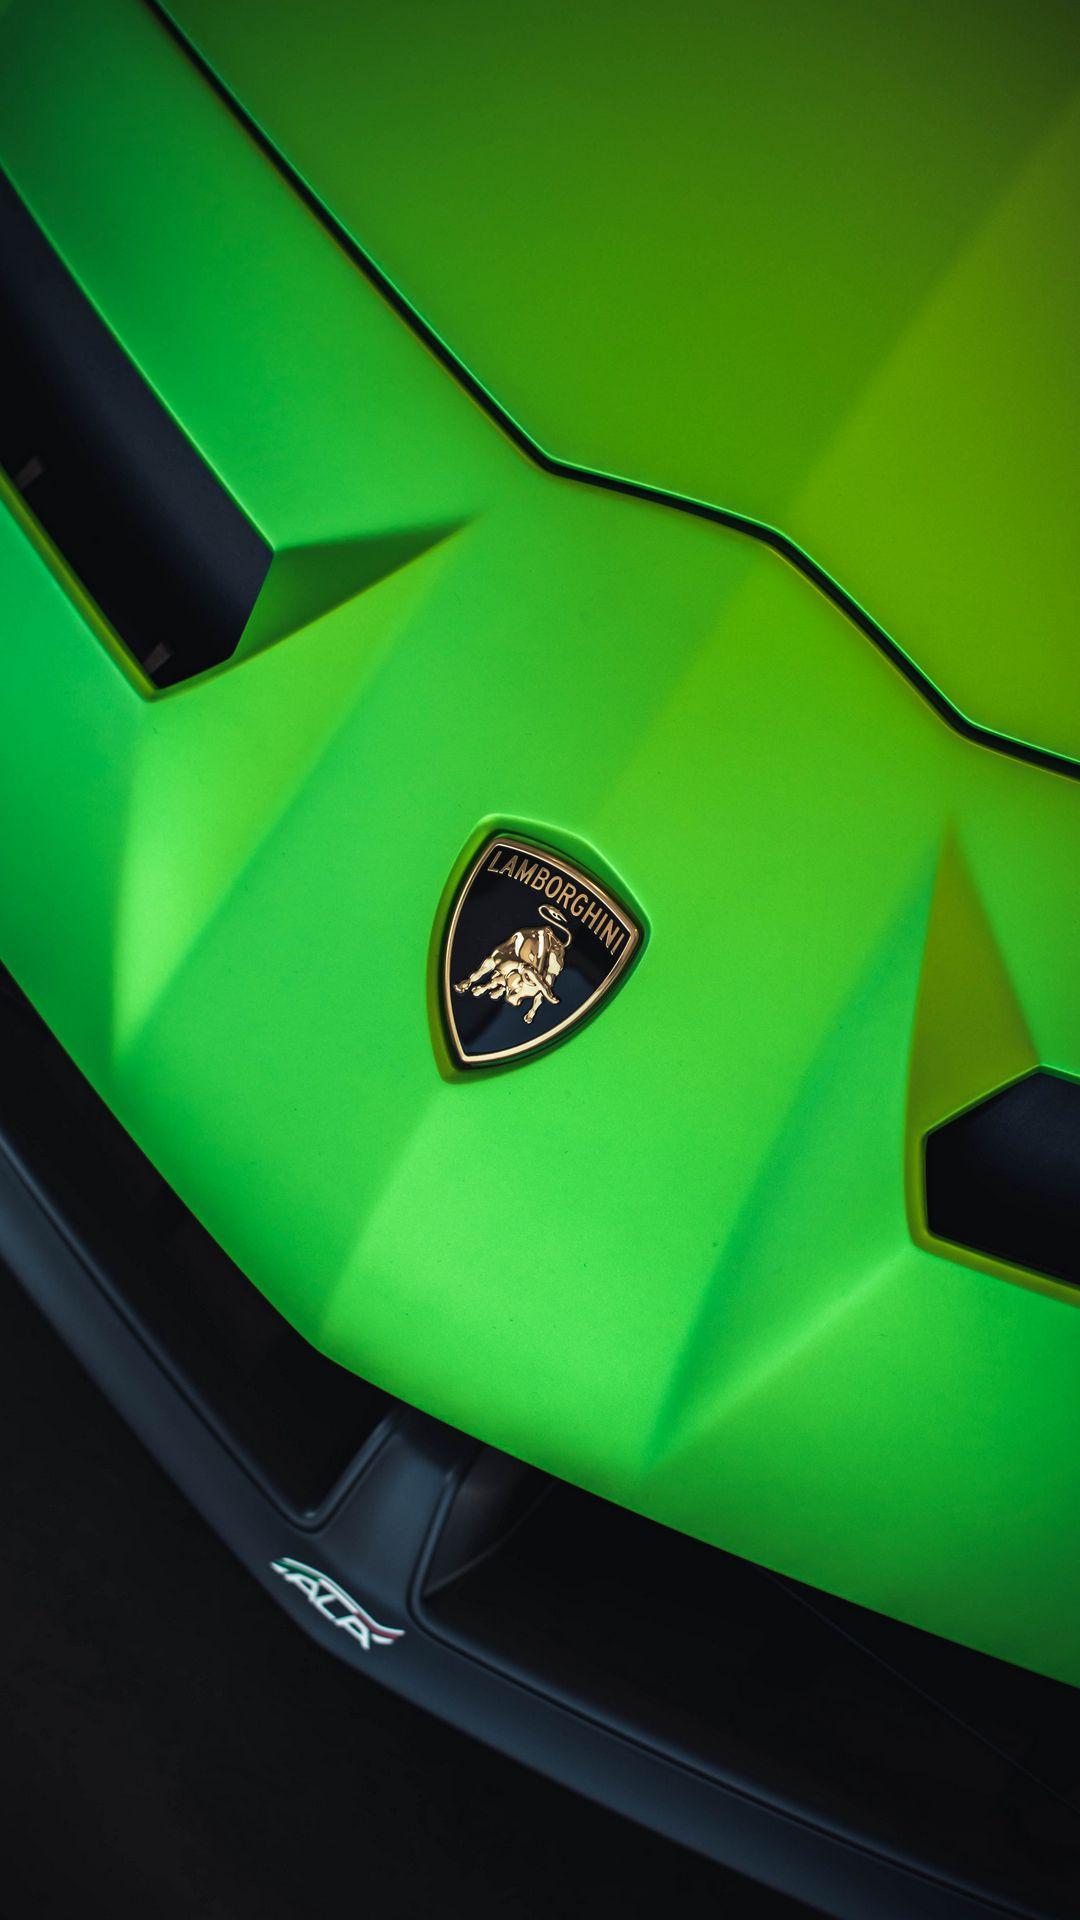 Lamborghini Super Sport Full HD Wallpapers Free Download